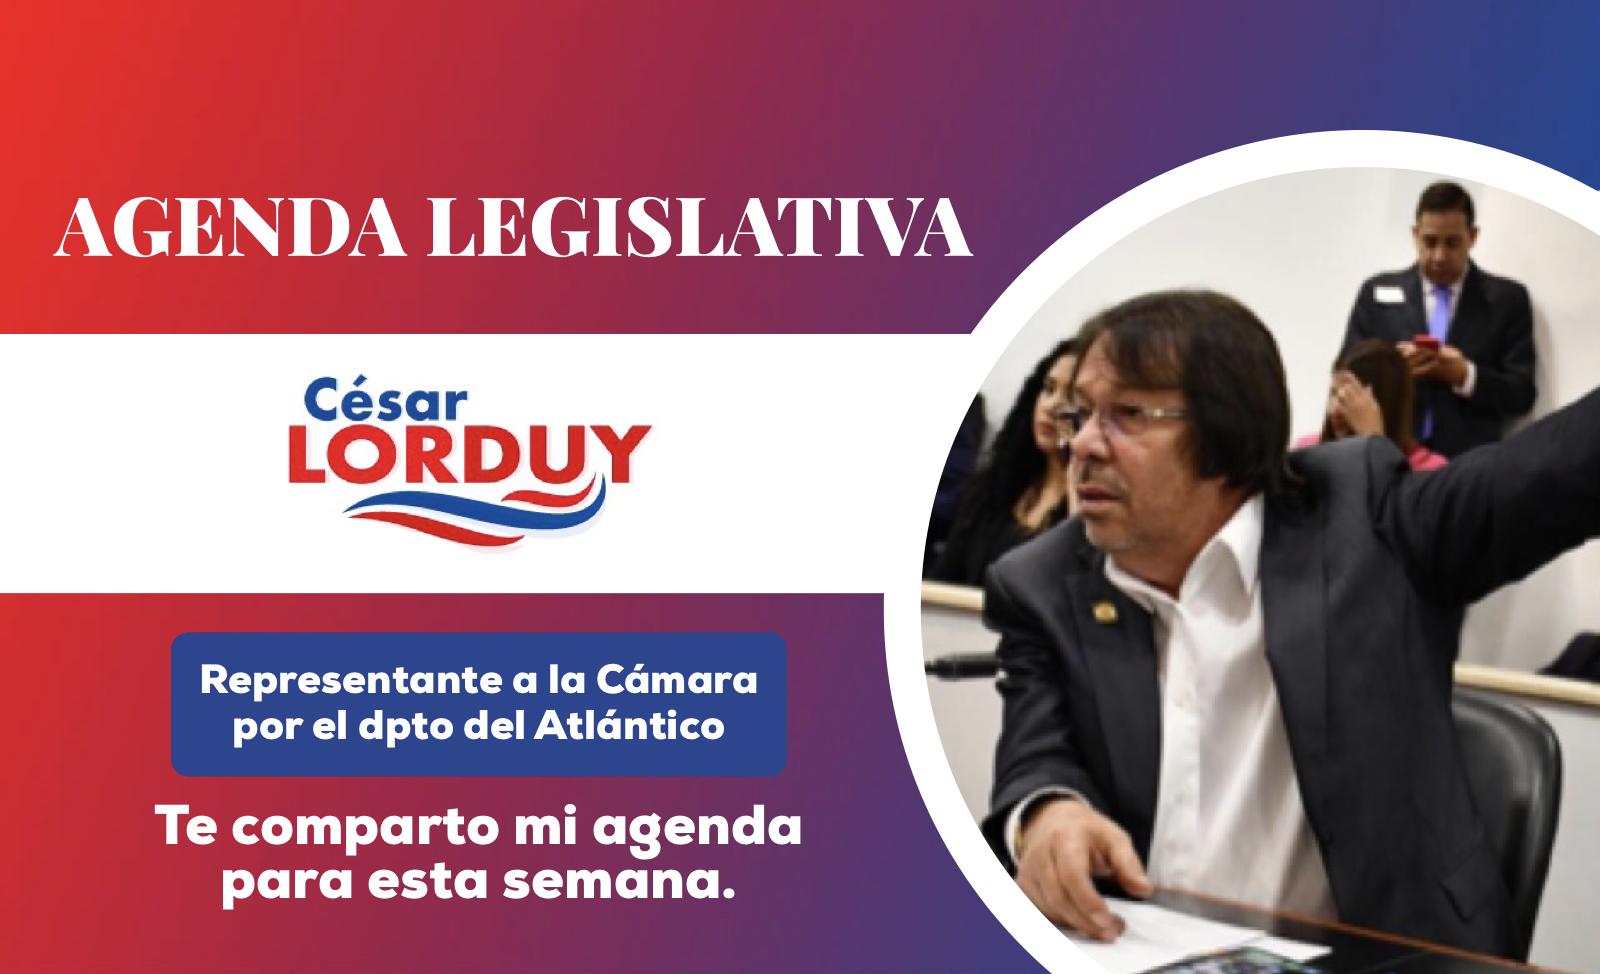 Cesar Lorduy comparte su agenda legislativa en la Cámara de Representantes del del 19 al 23 de agosto 3